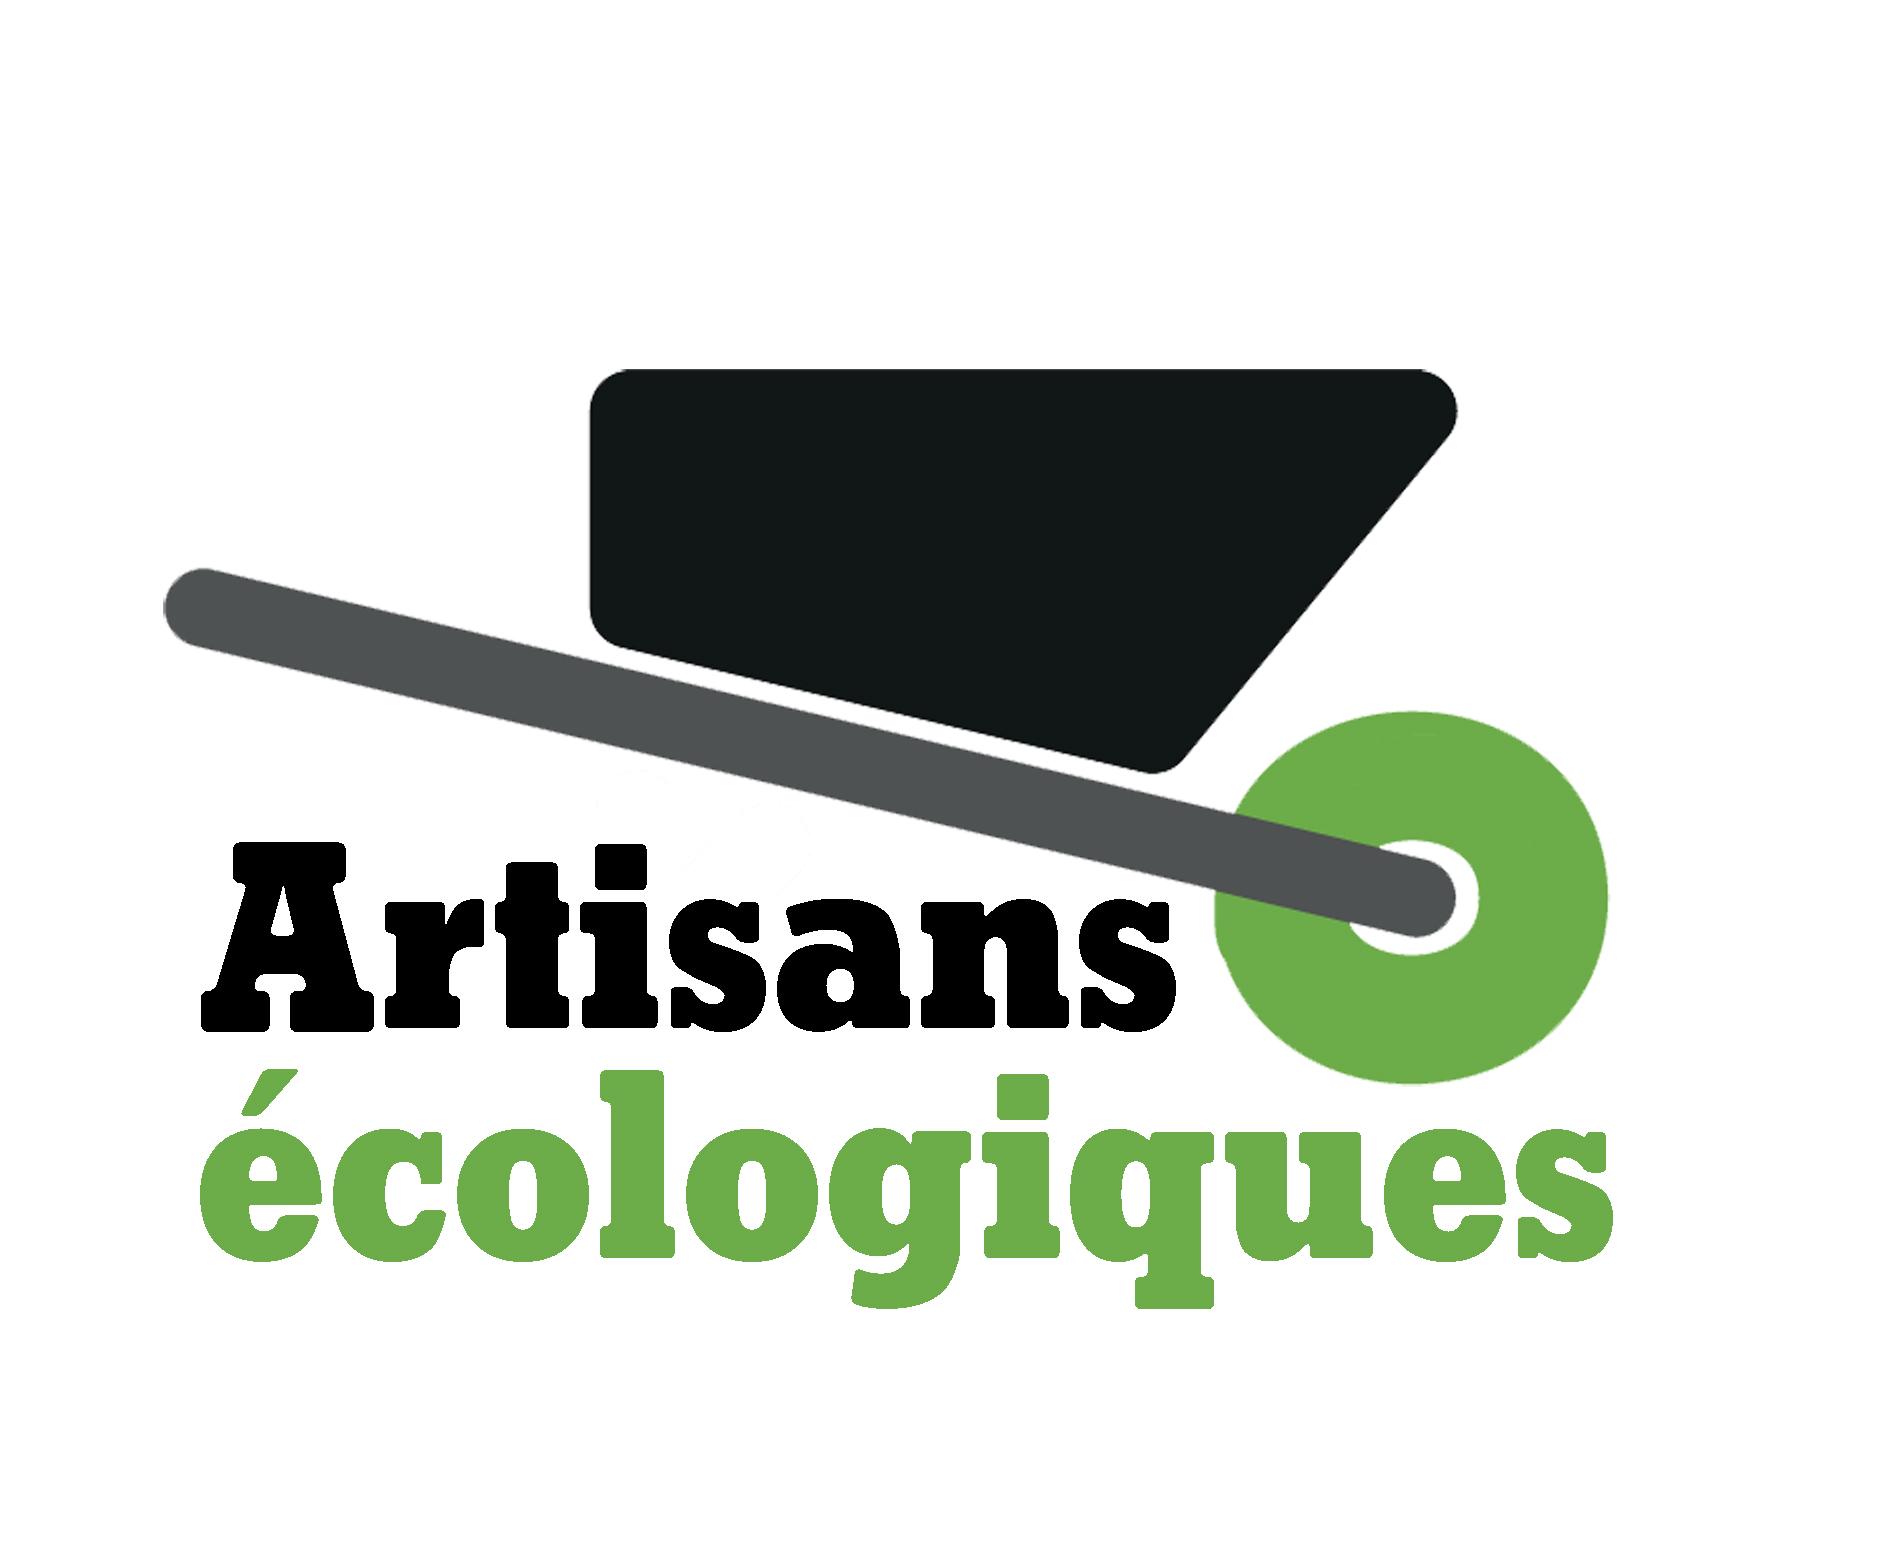 Artisans écologiques